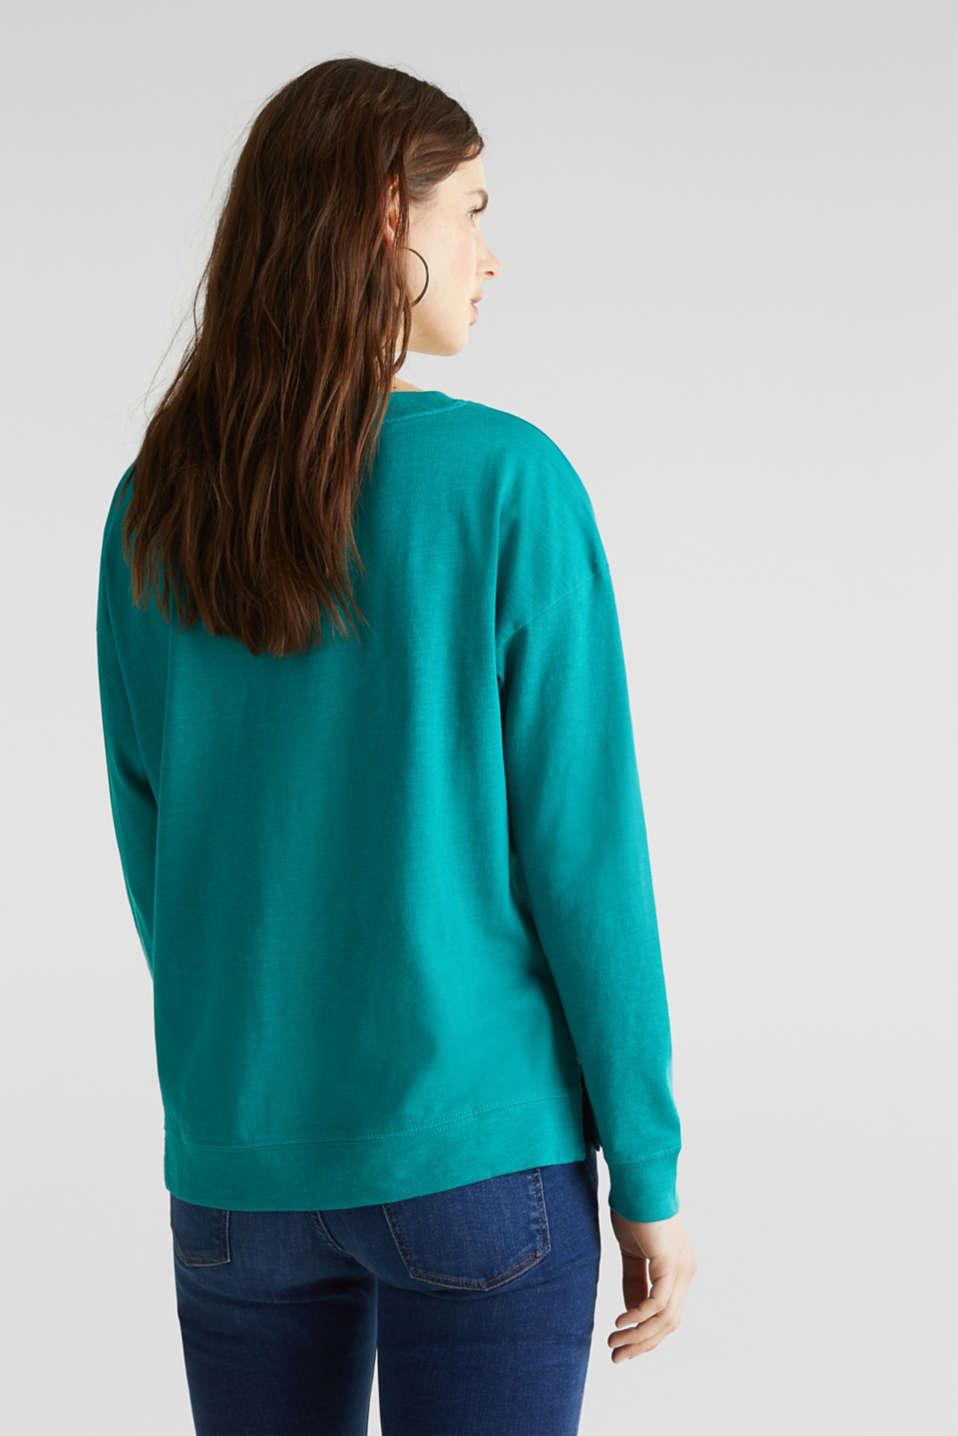 Slub sweatshirt made of 100% organic cotton, TEAL GREEN, detail image number 2